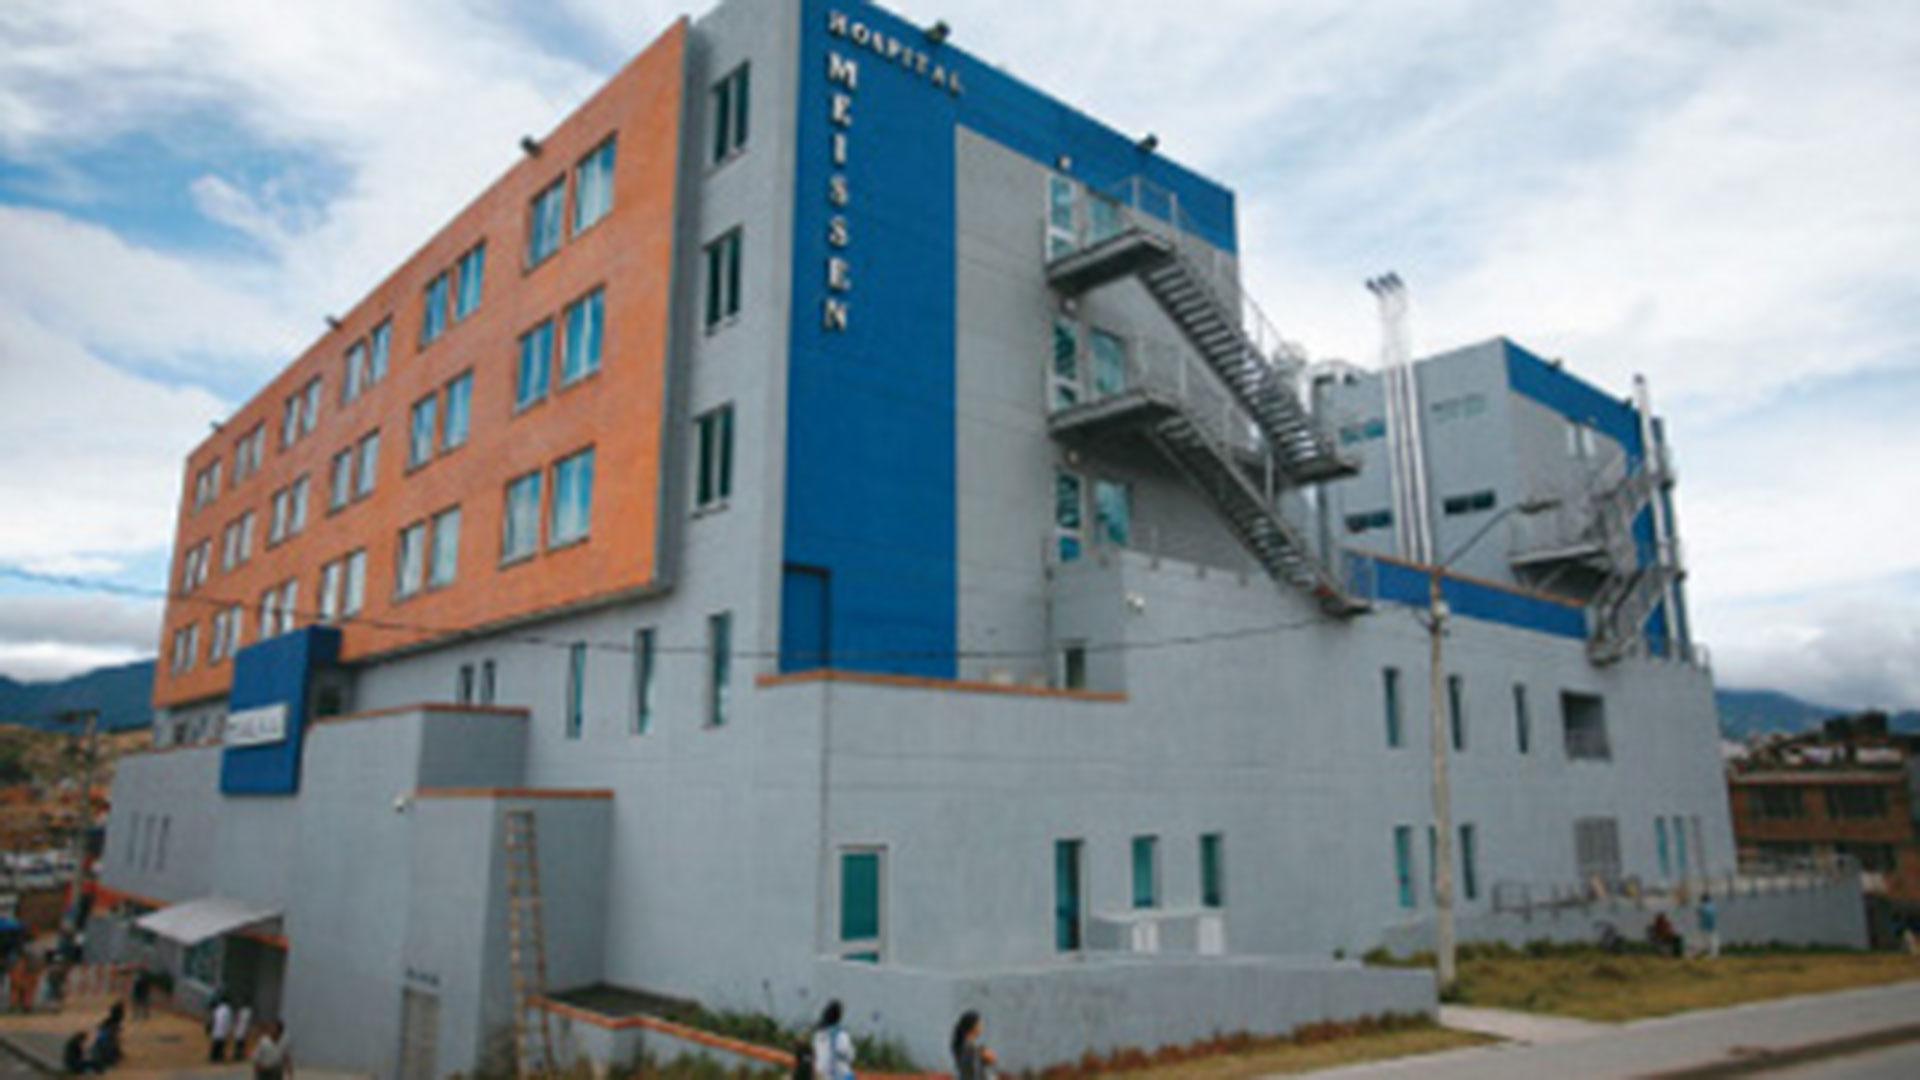 Al hospital de Meissen fue trasladada Alexandra Buitrago, pero a los pocos minutos falleció por la gravedad delas heridas.